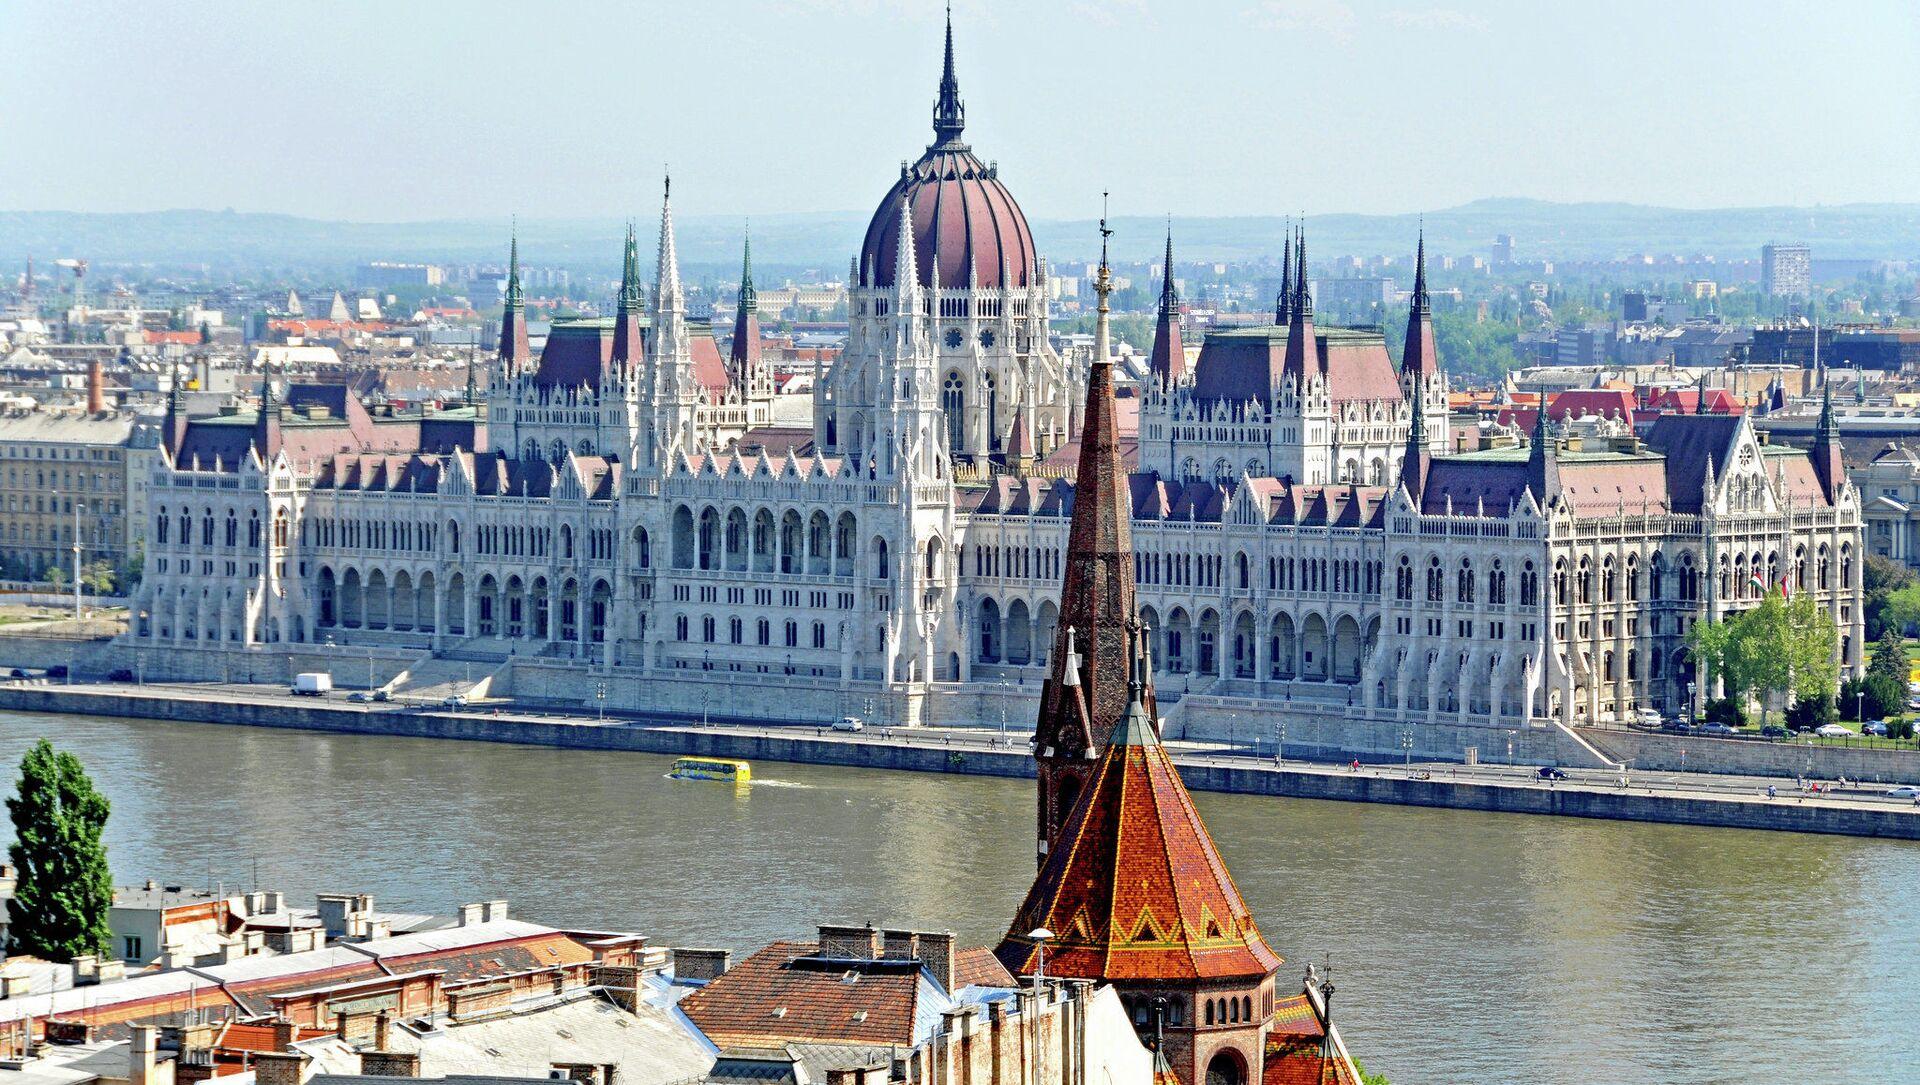 Budapešť - Sputnik Česká republika, 1920, 13.02.2021